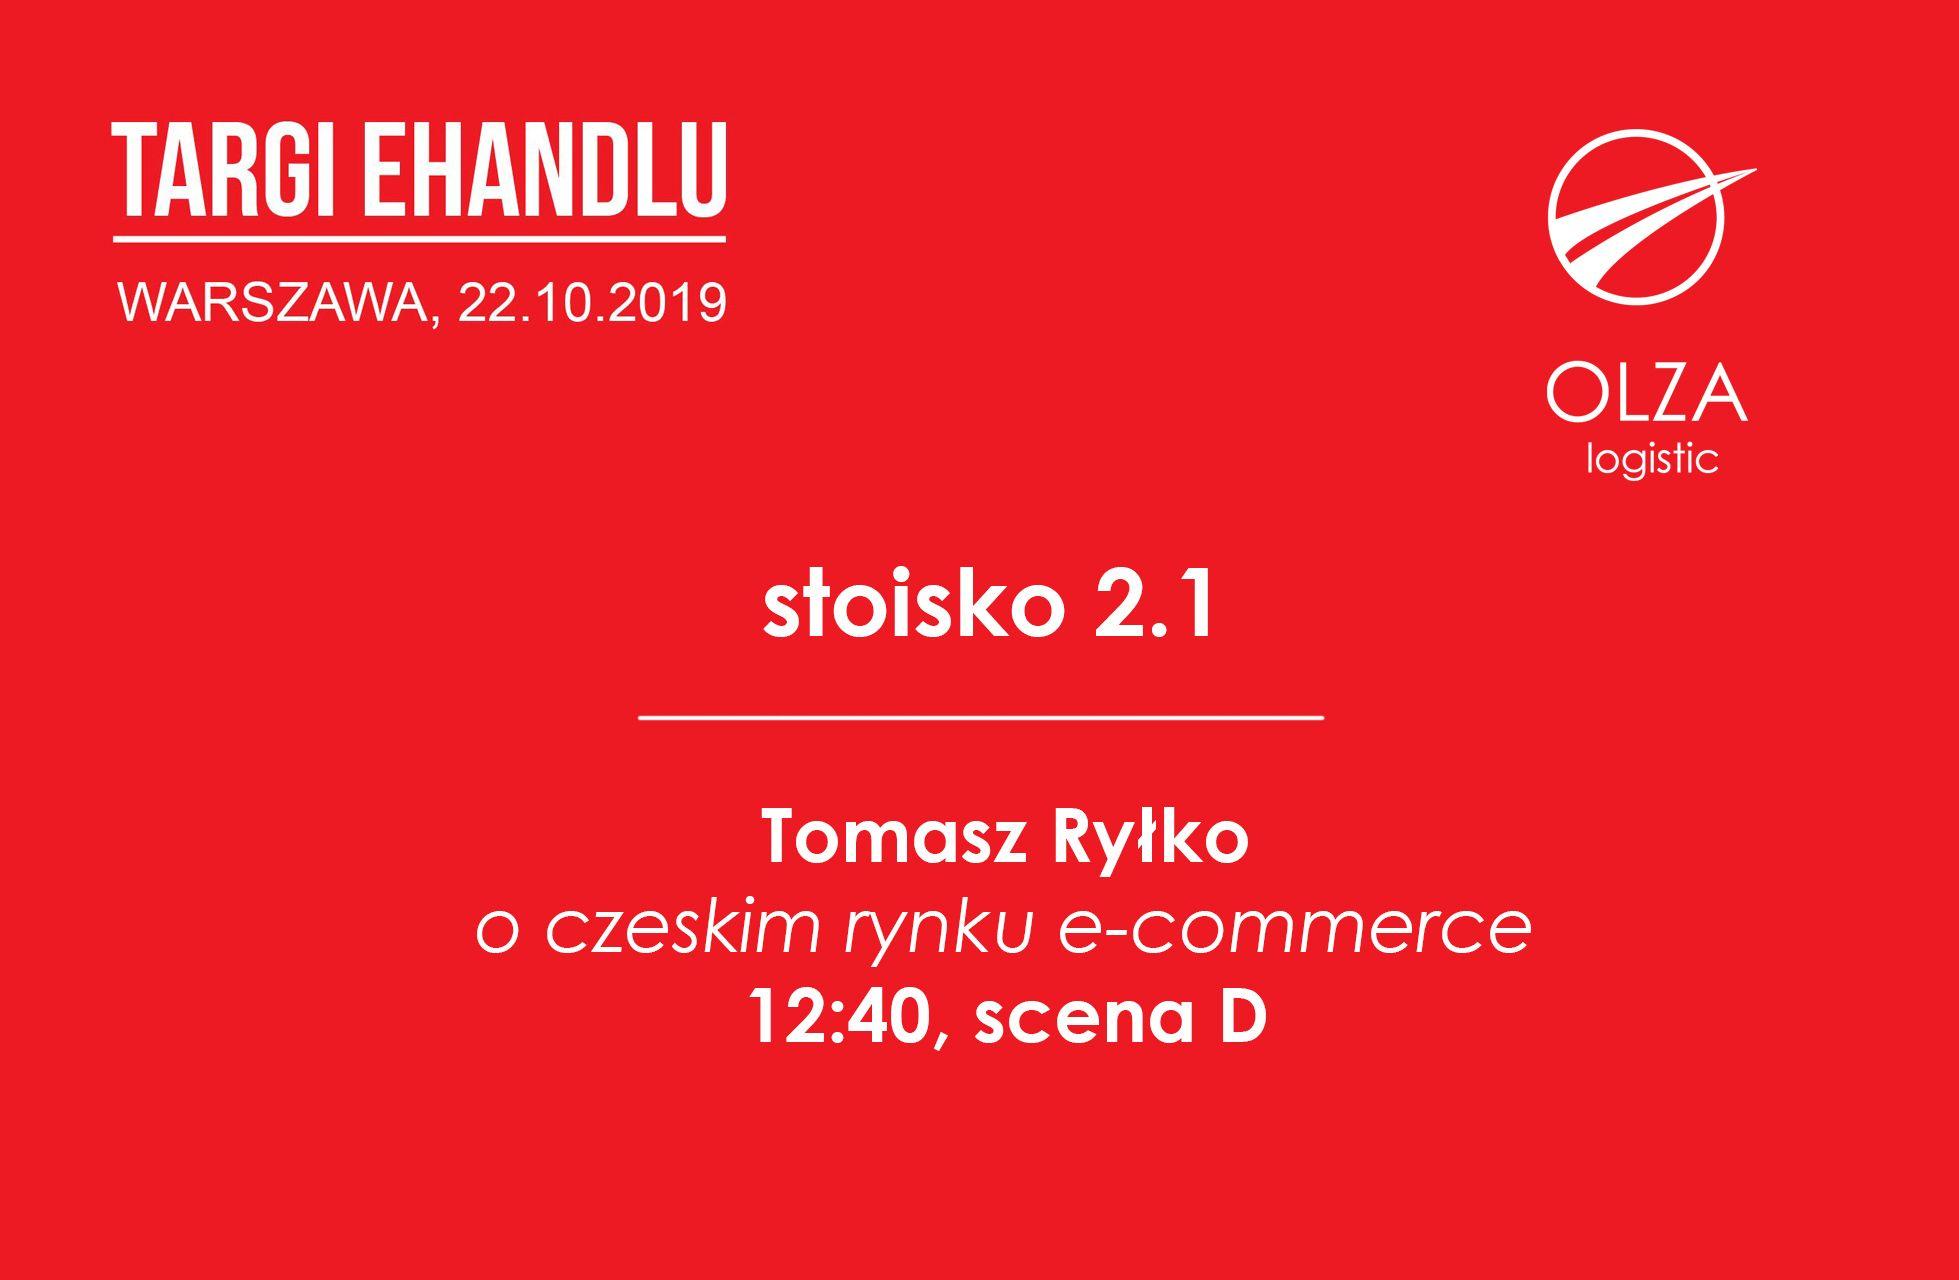 22.10 - widzimy się na targach eHandlu w Warszawie!